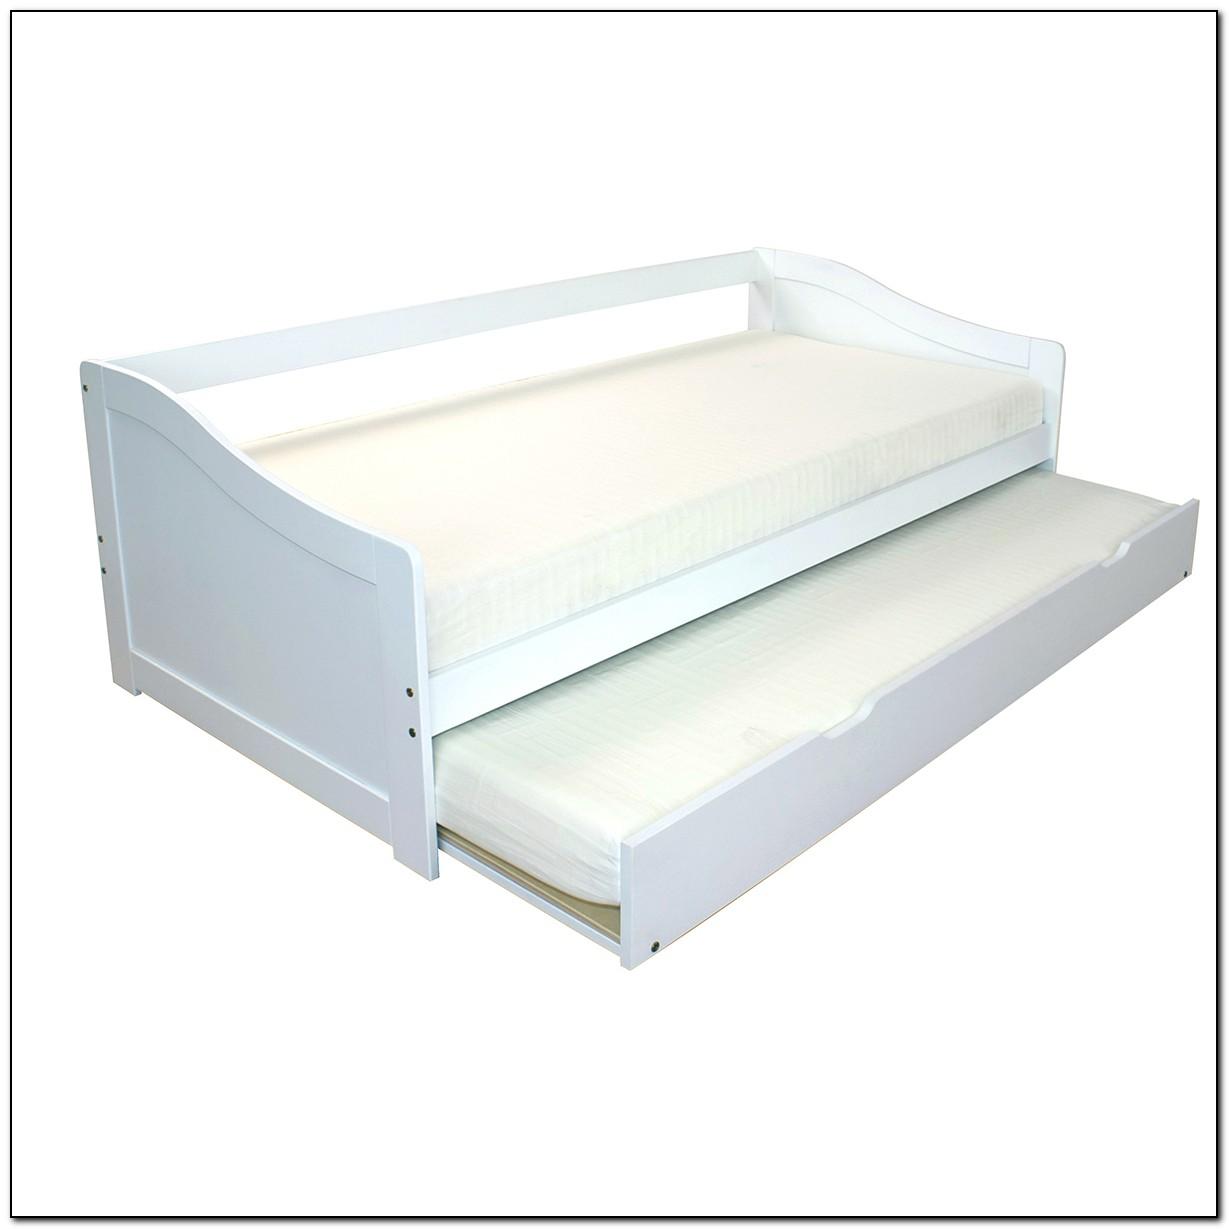 White Trundle Bed Uk